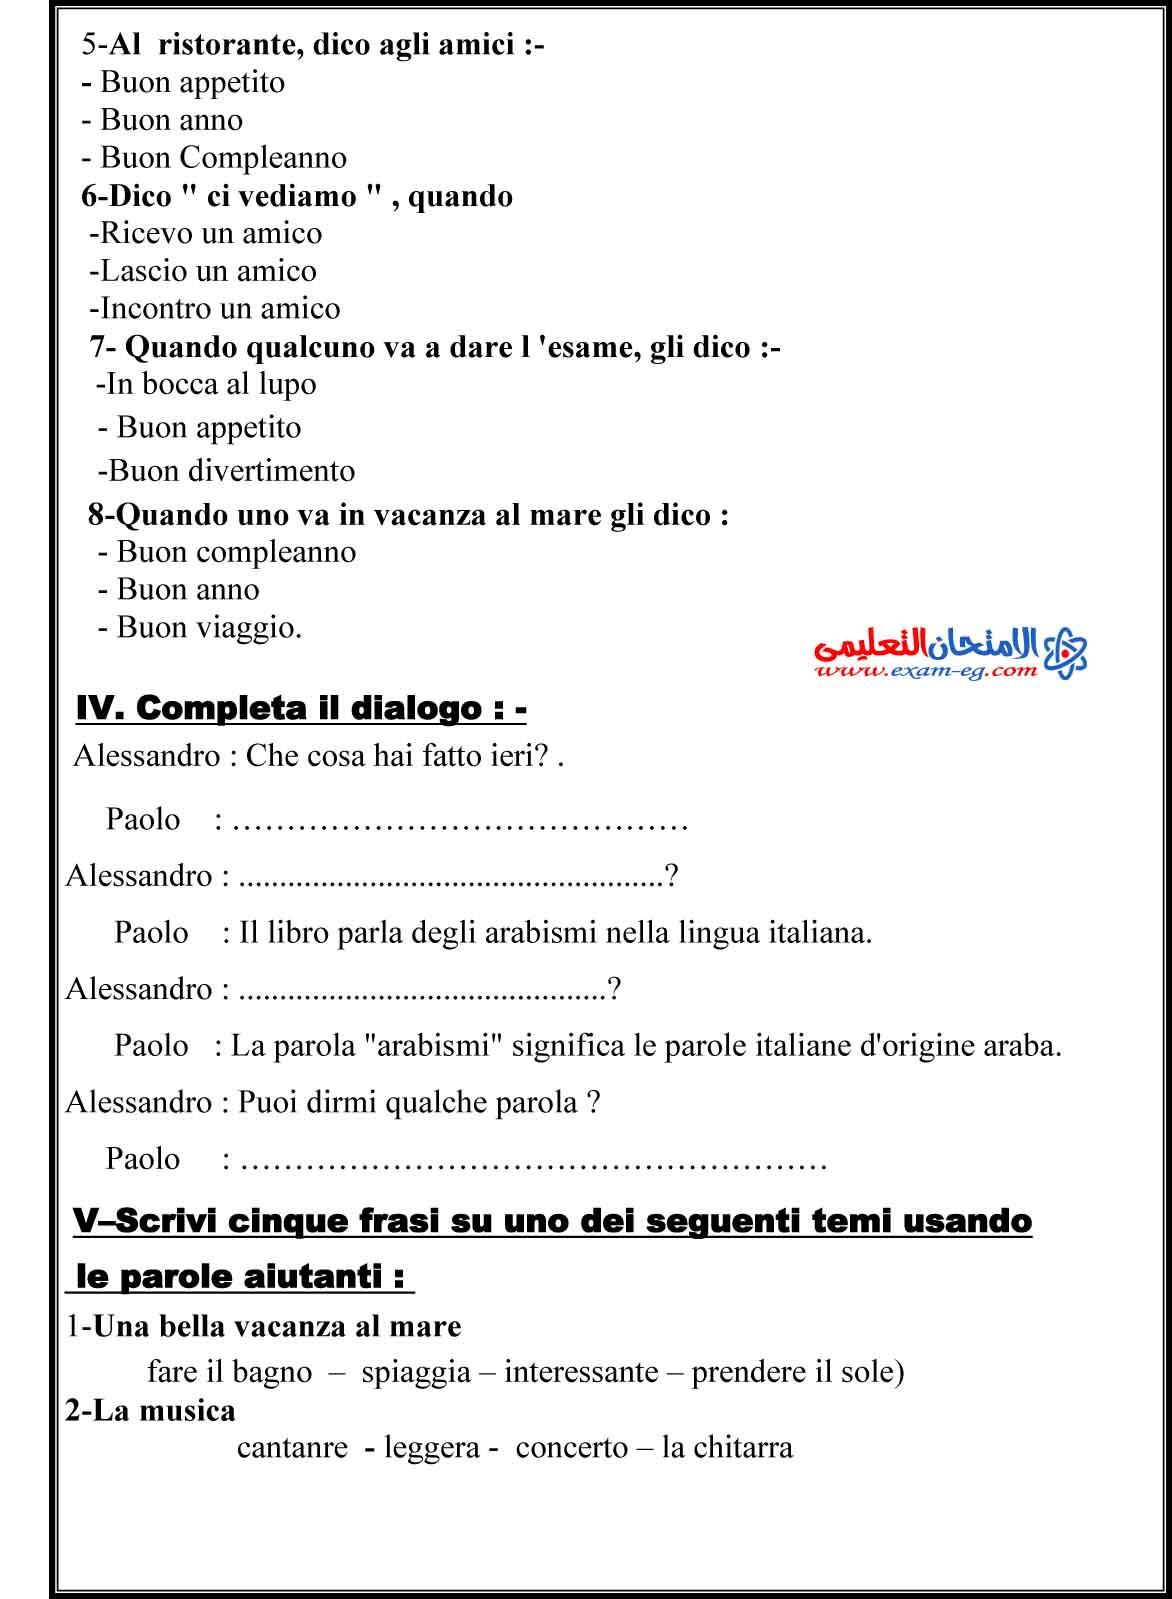 امتحان الوزارة فى الايطالى 2